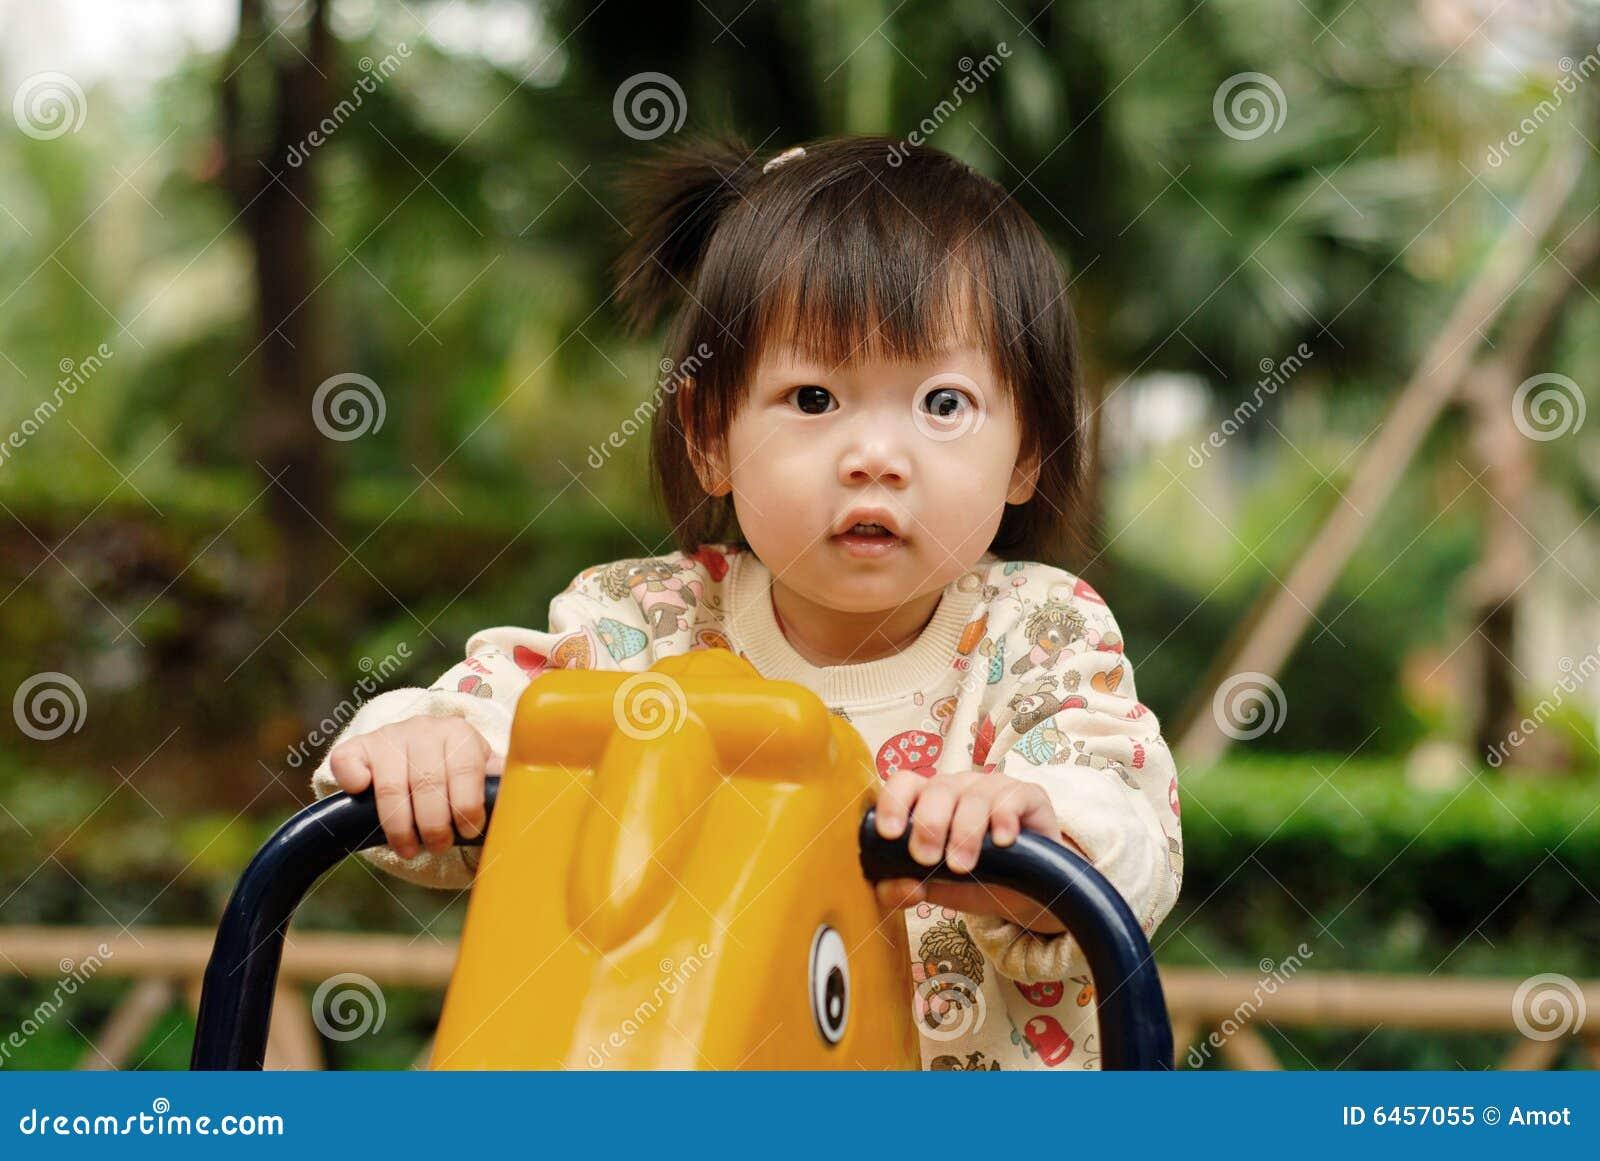 Chińczycy dziecka